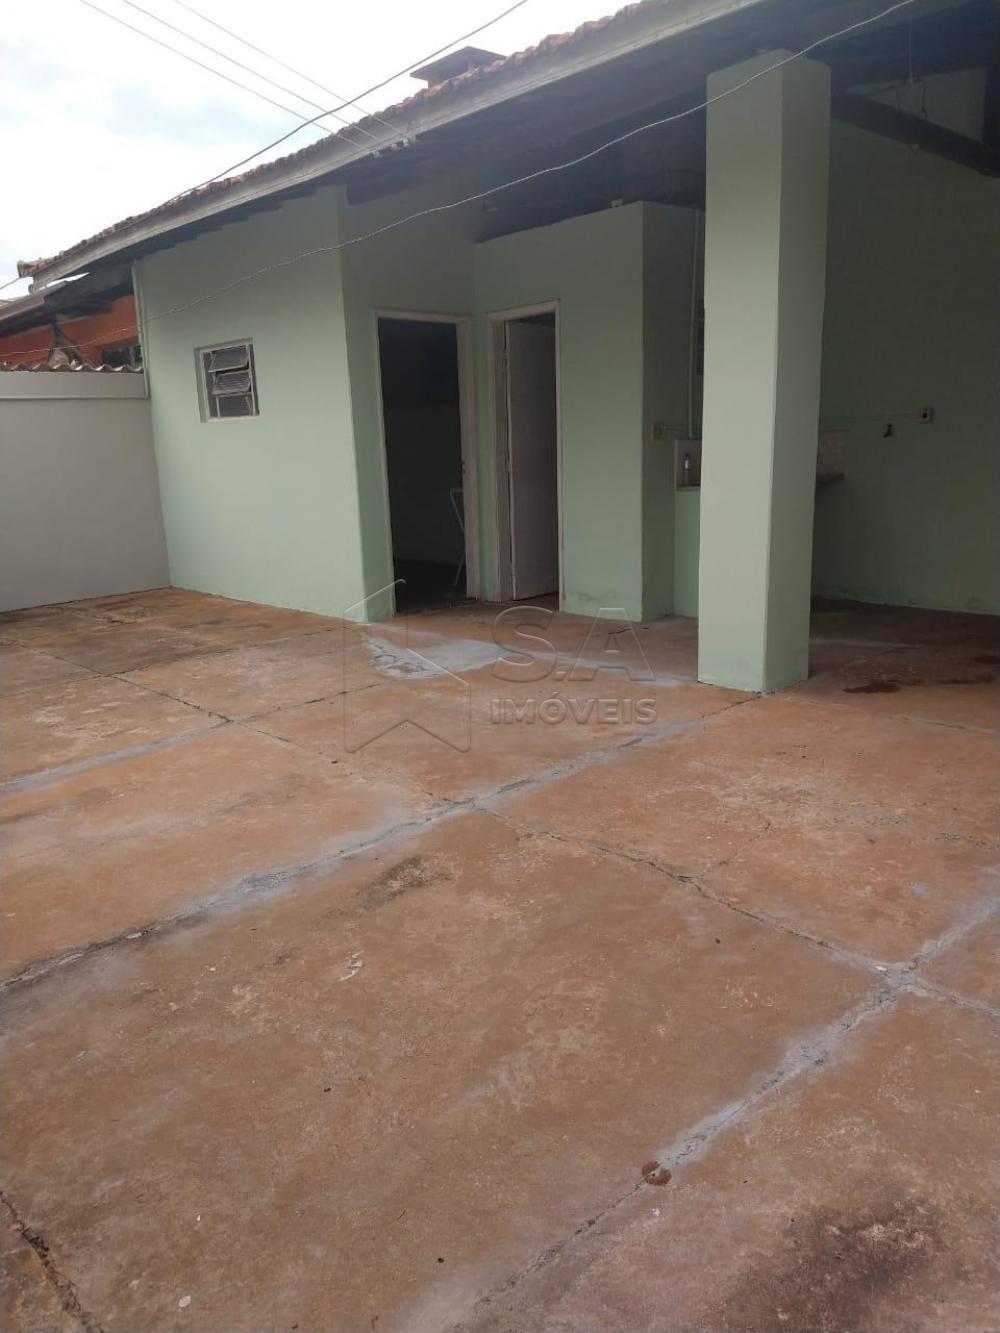 Comprar Casa / Padrão em Botucatu apenas R$ 350.000,00 - Foto 23